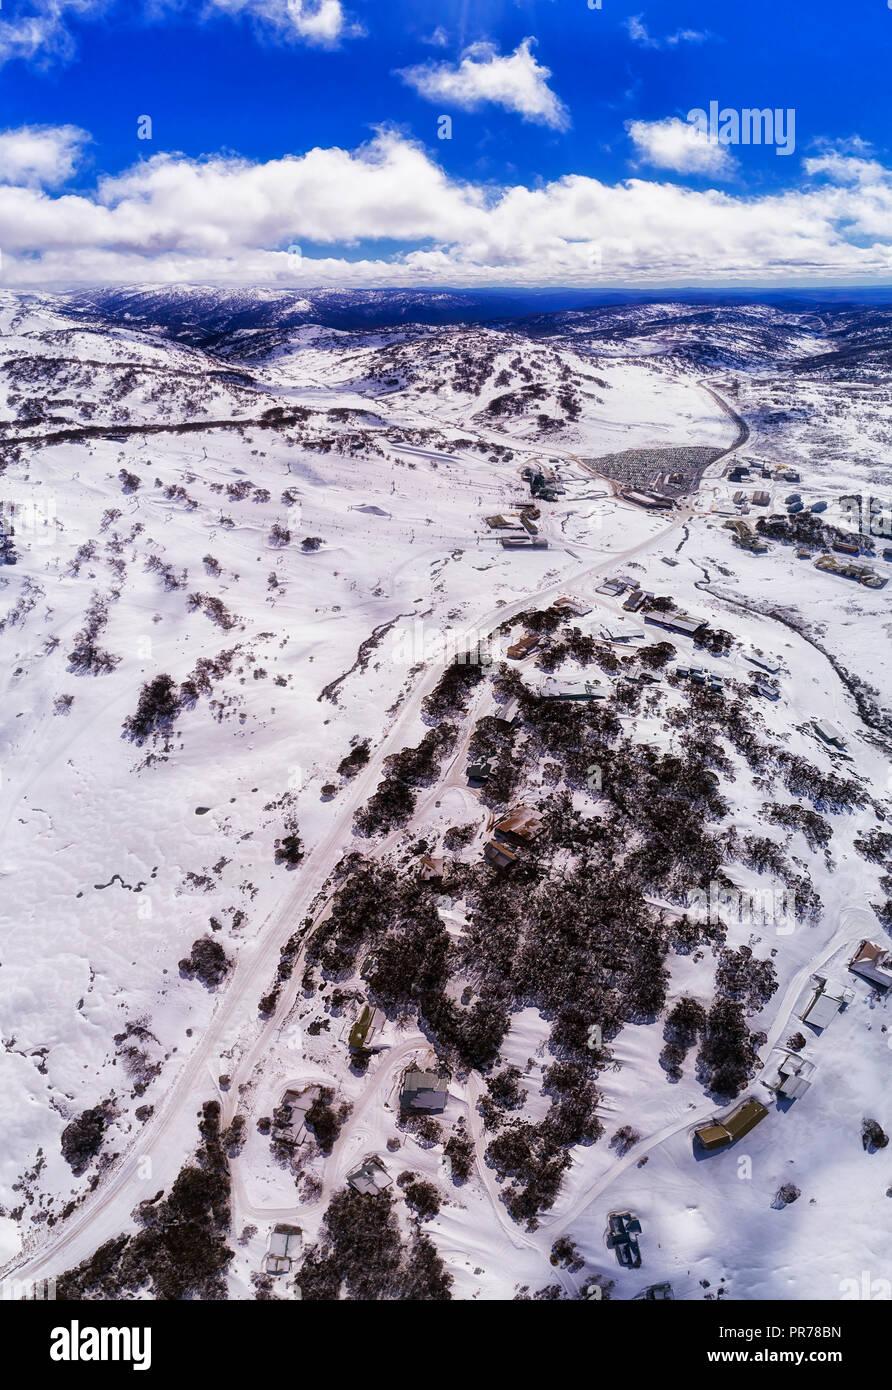 World village reculé de Perisher valley haut dans les montagnes enneigées de l'Australie au cours de l'hiver saison de ski avec beaucoup de neige sur les pentes de la station. Banque D'Images